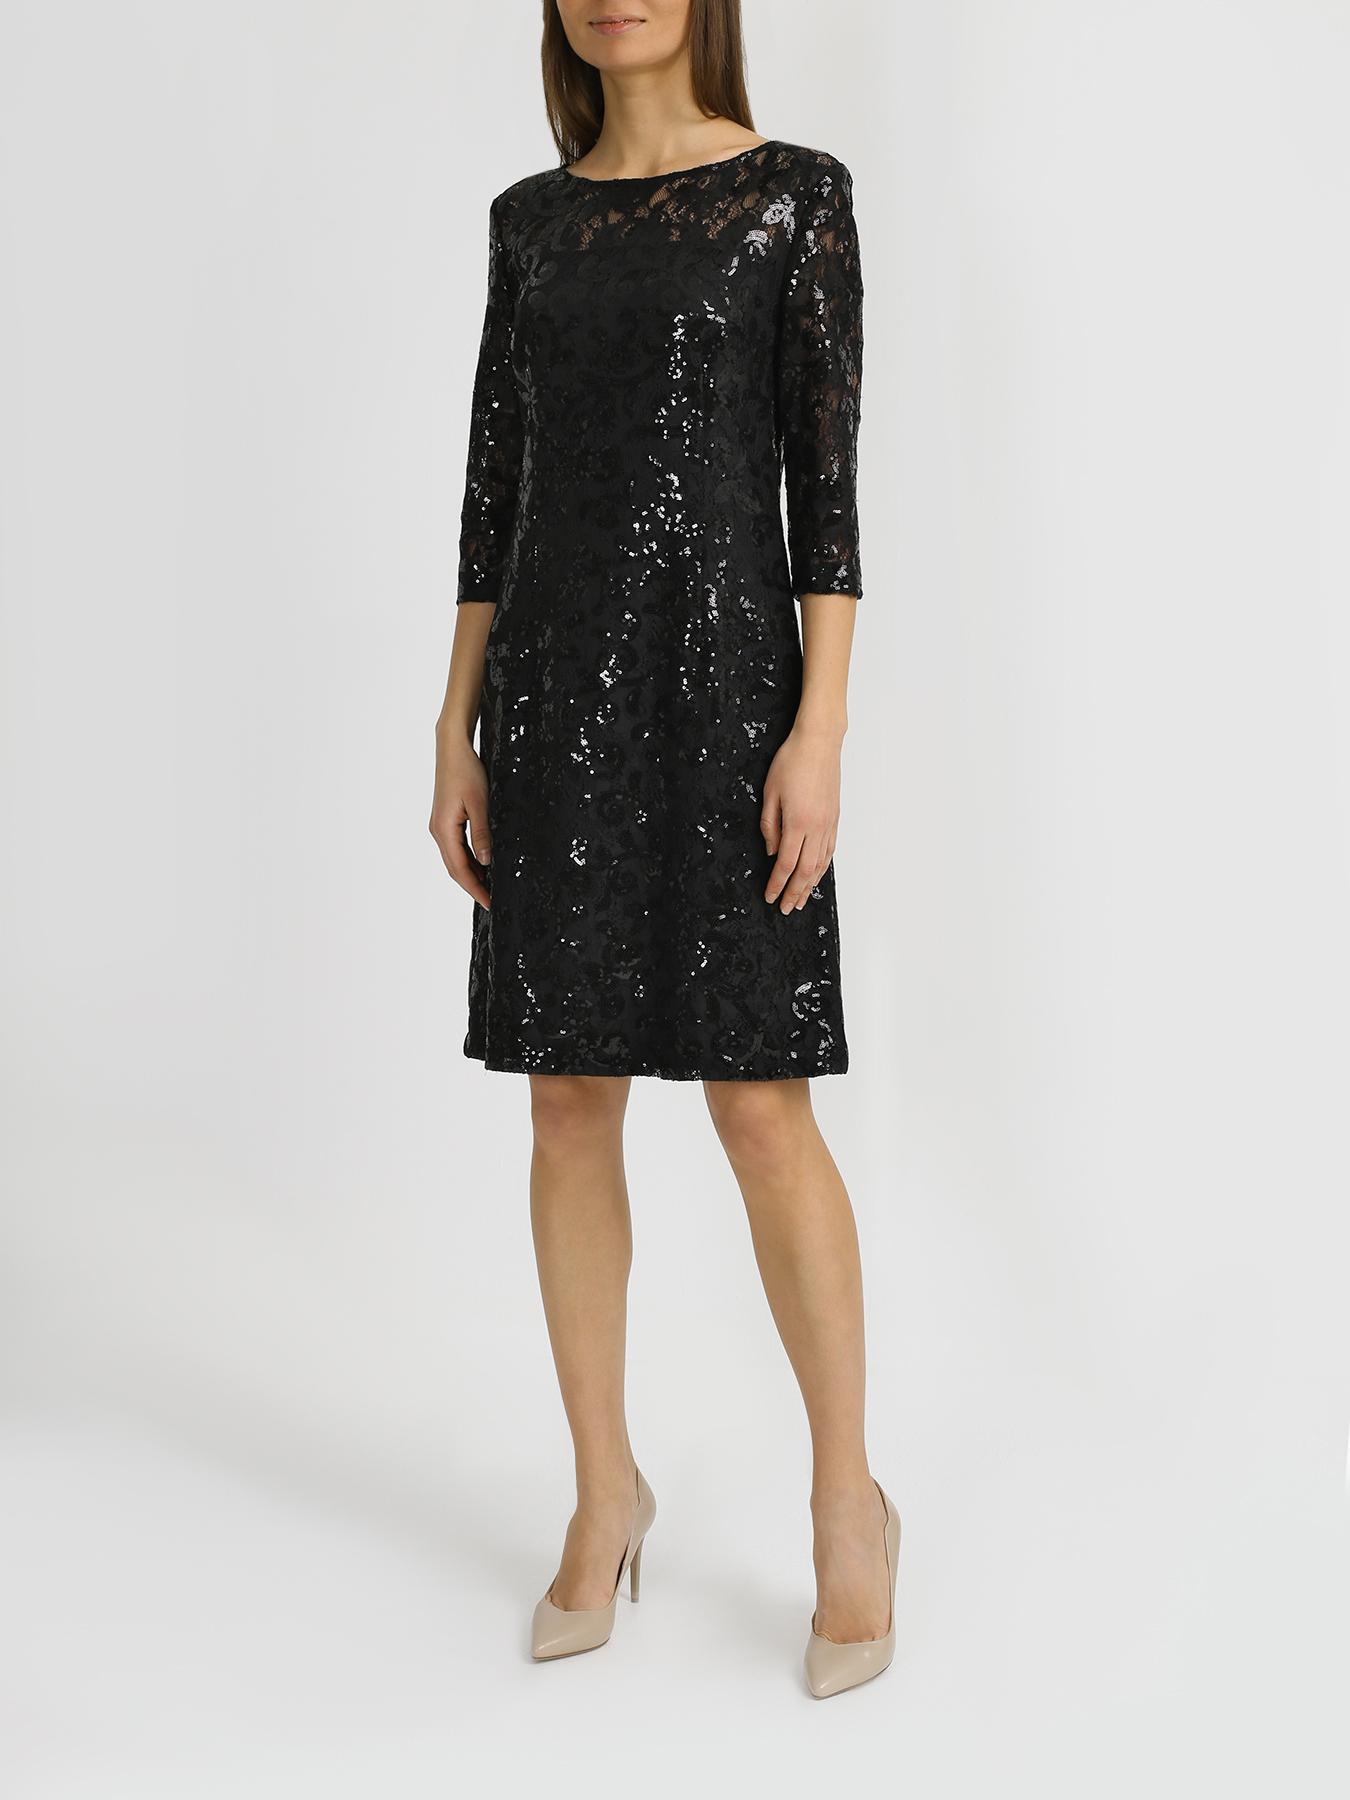 Платье Korpo Collezioni Кружевное платье с пайетками